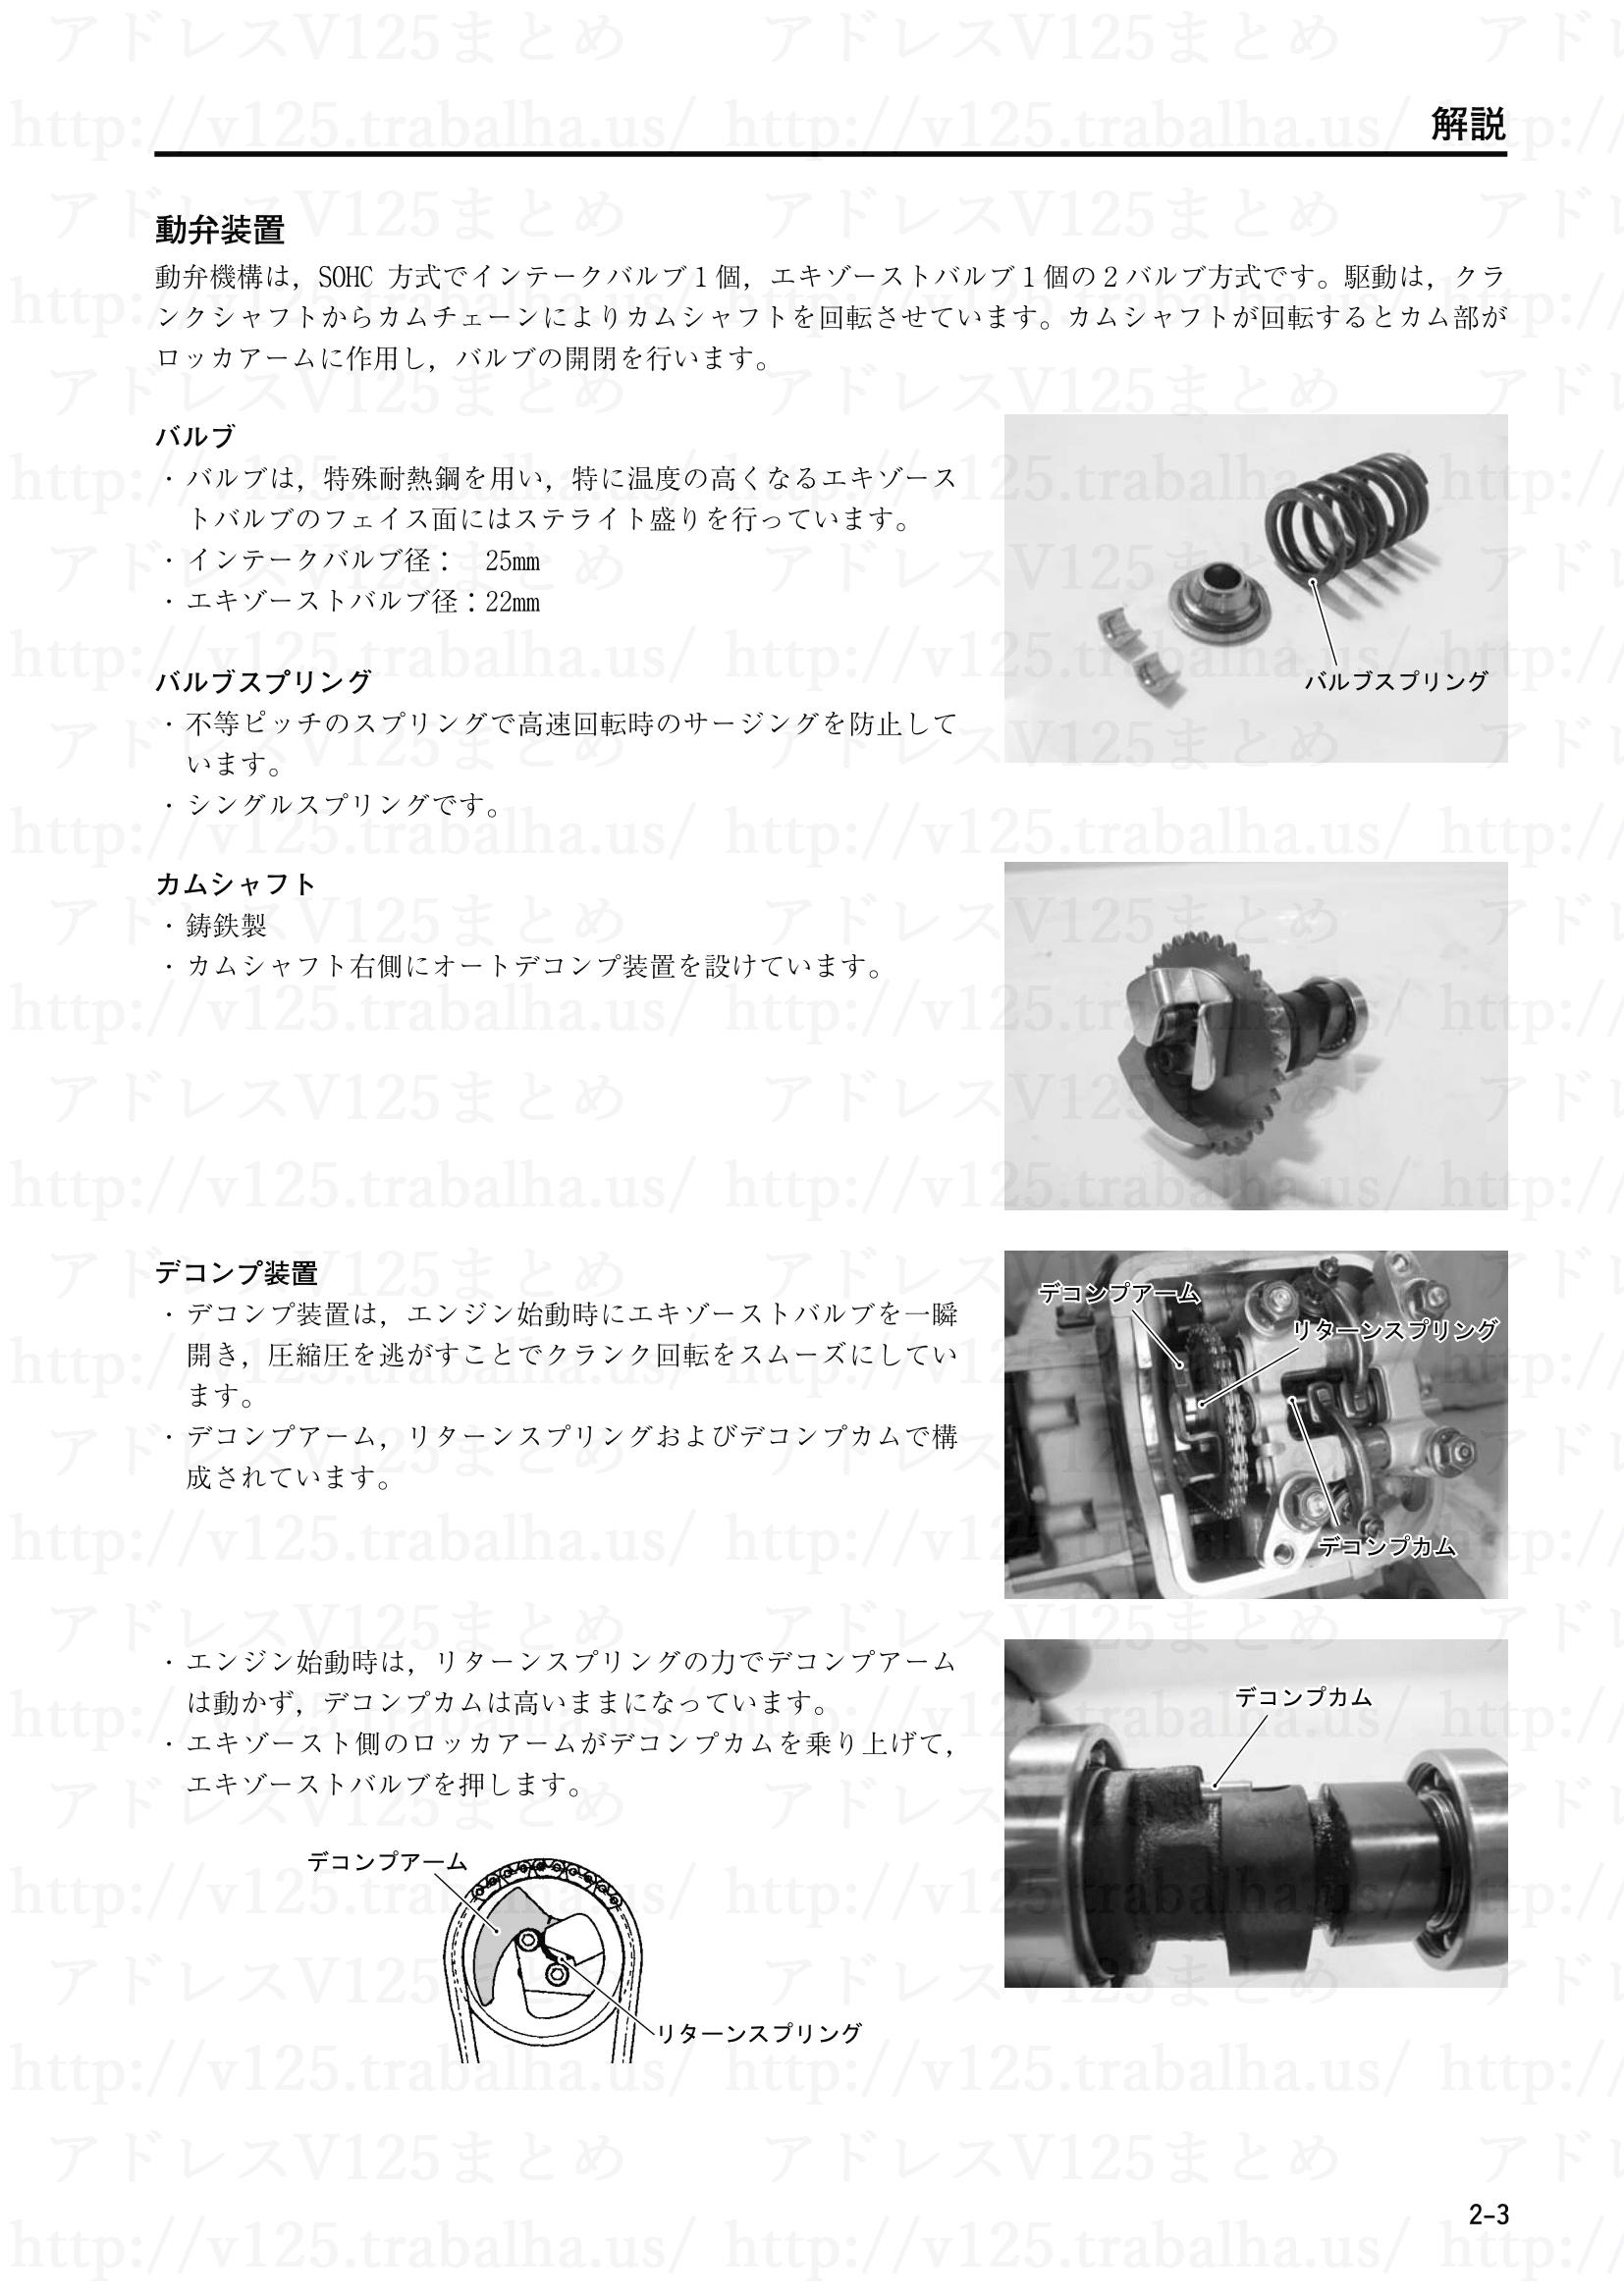 2-3【解説】動弁装置/デコンプ装置